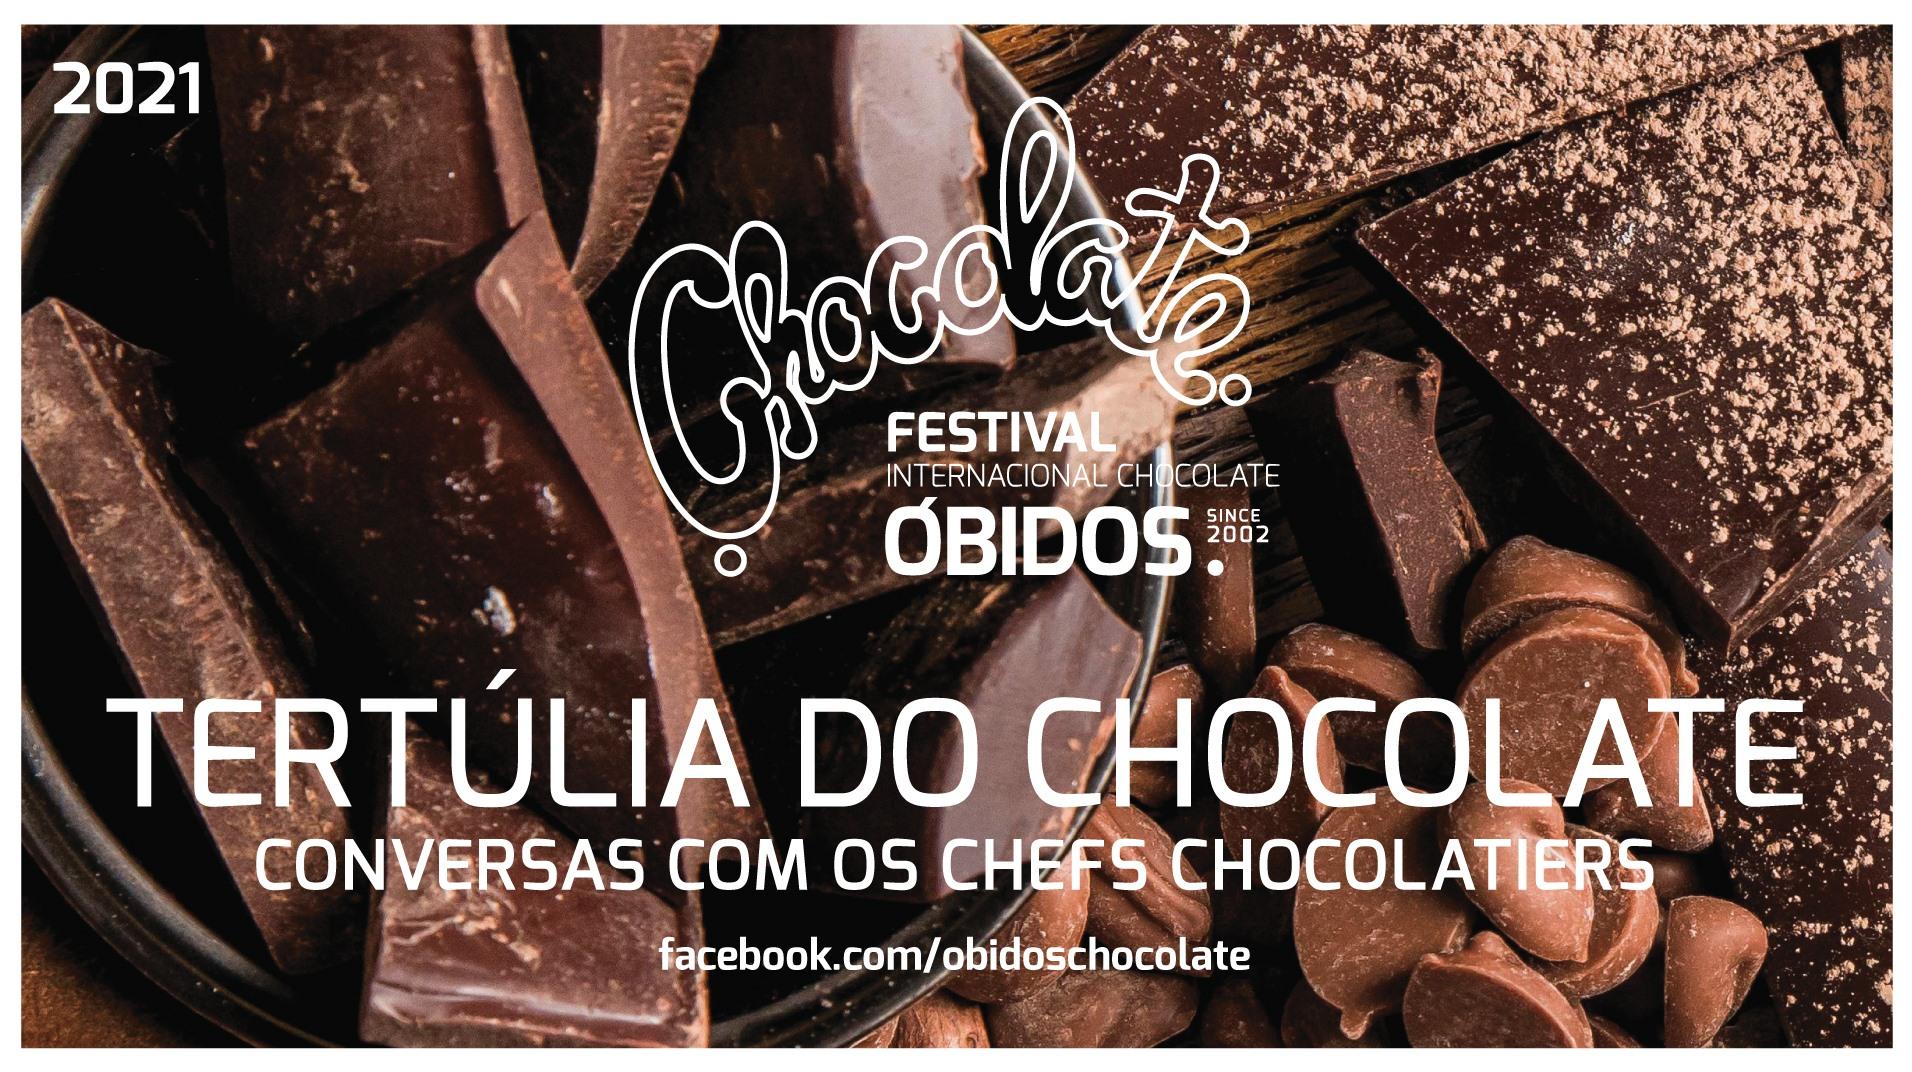 TERTÚLIA DO CHOCOLATE - Conversas com as Chefs Chocolatiers Céu Carvalho e Natália Marinho